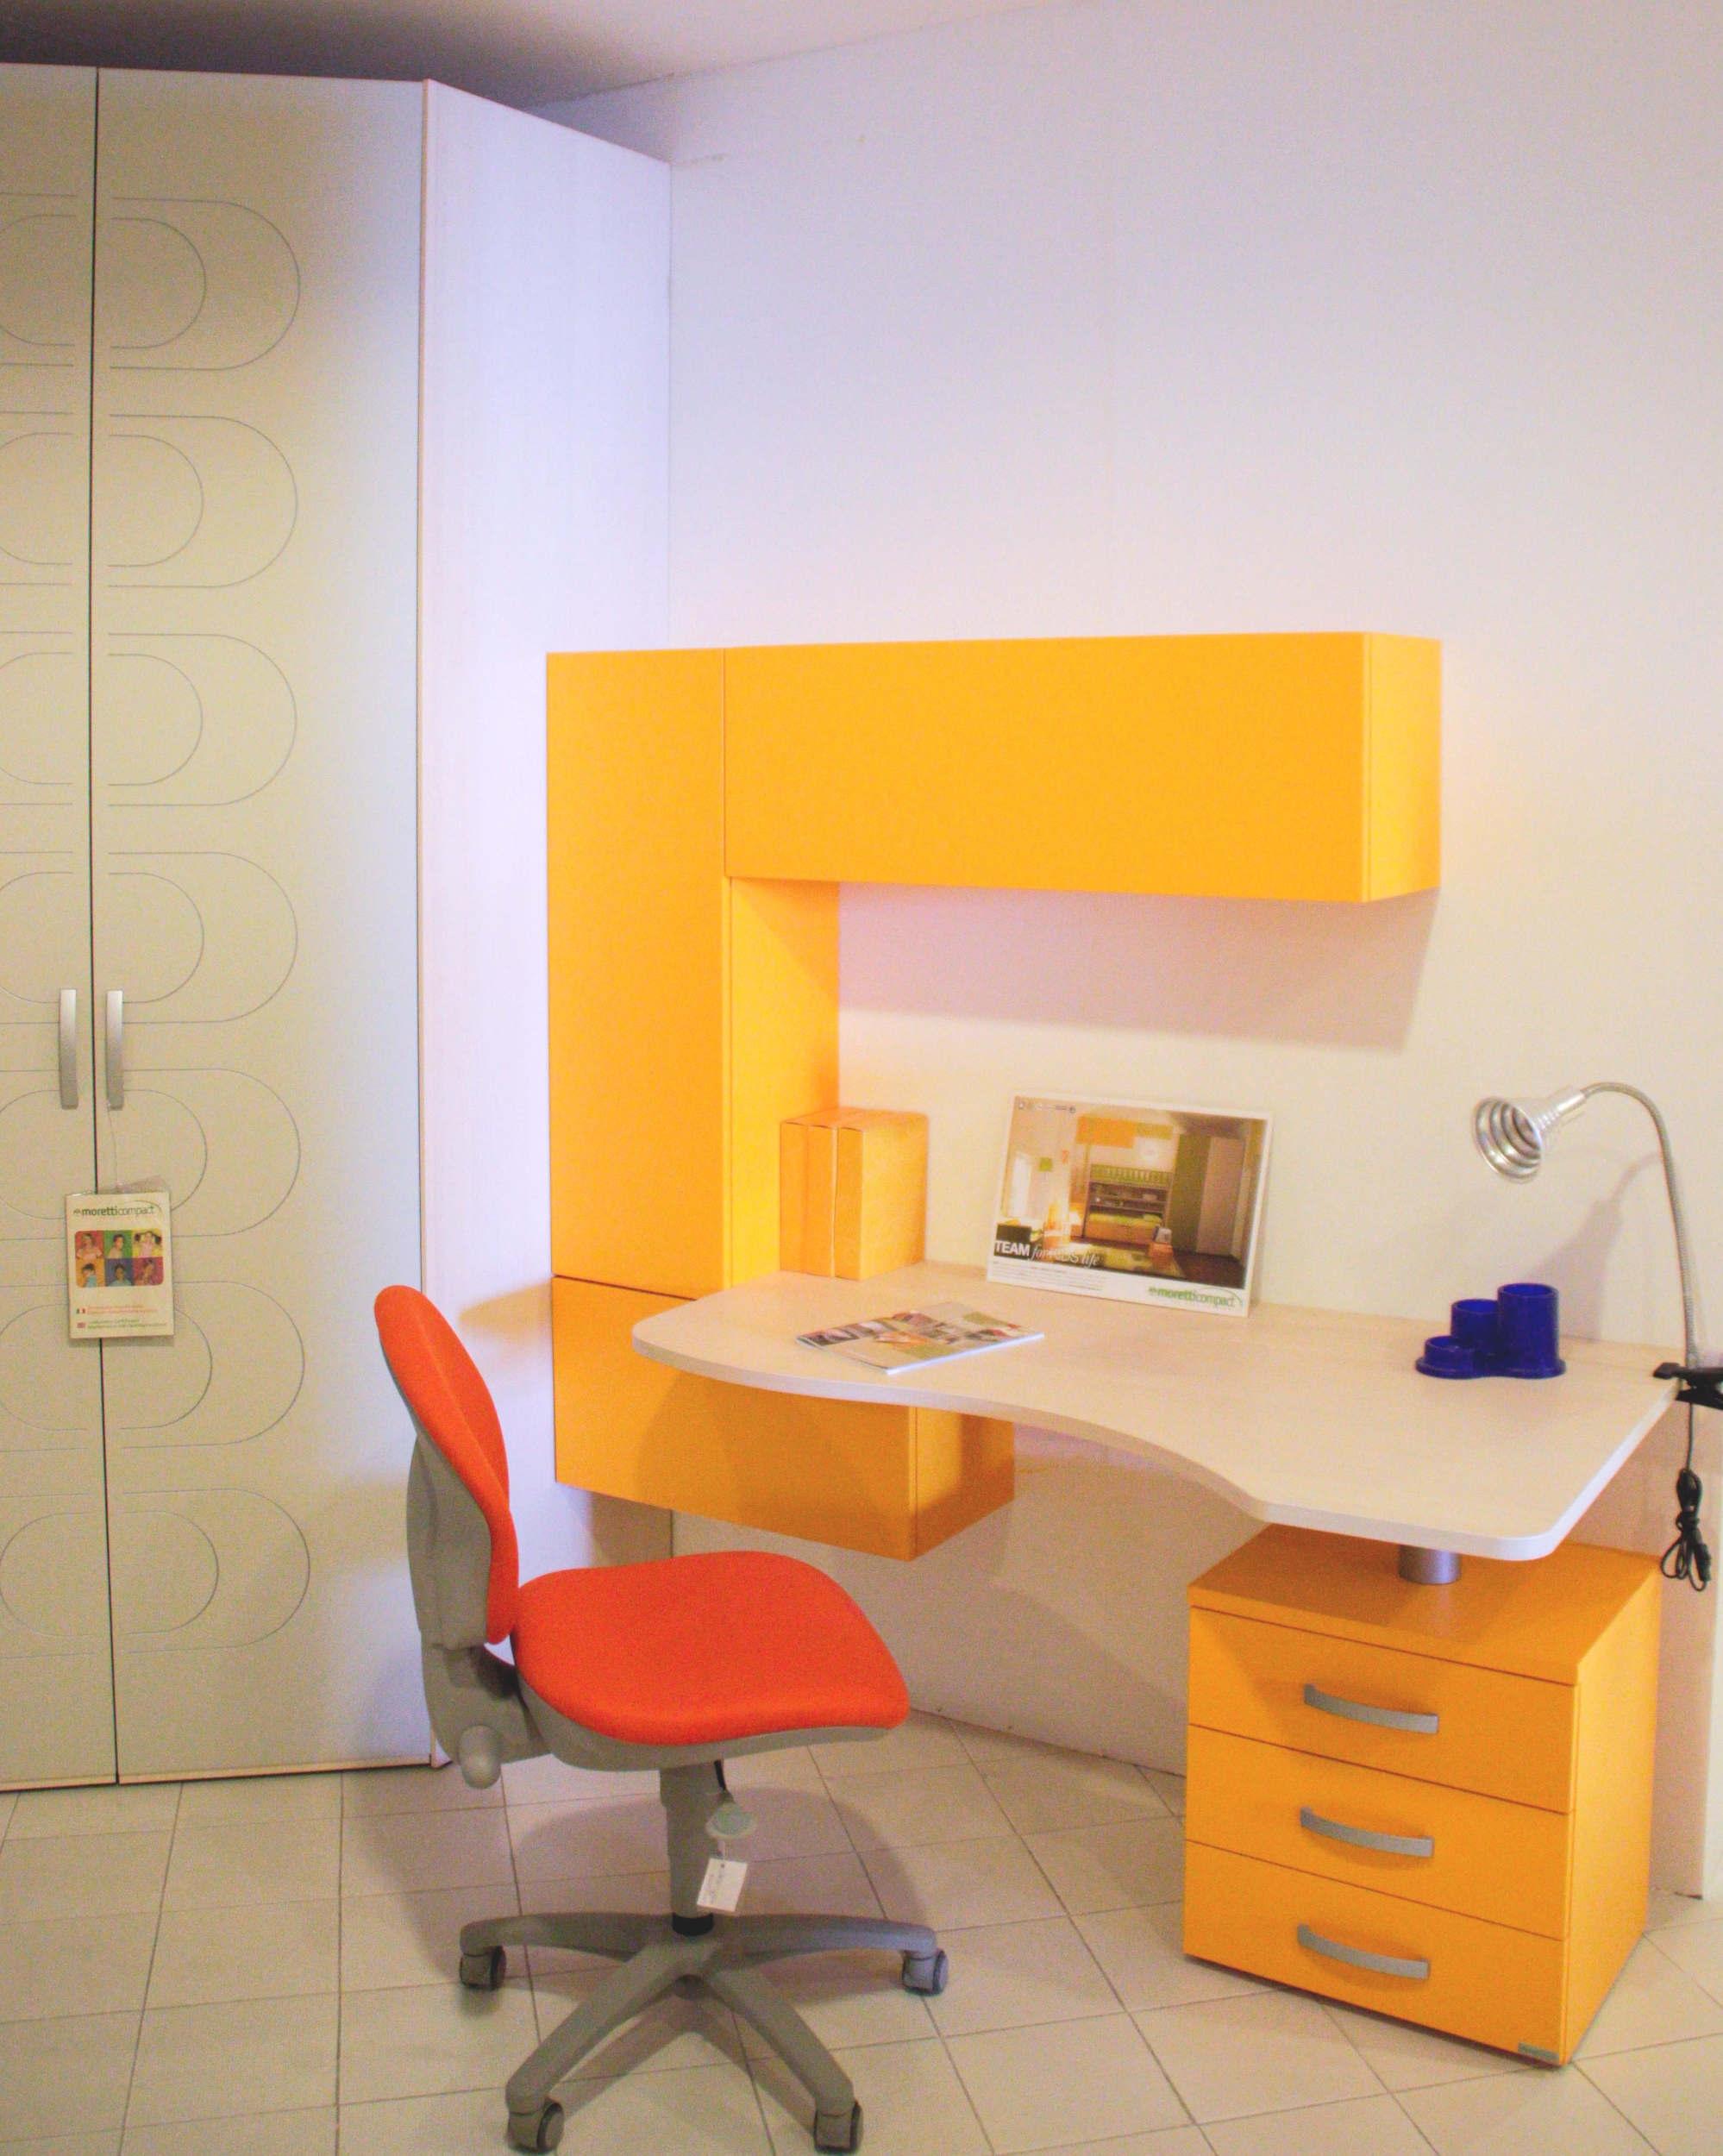 Promozione scrivania moretti compact camerette a prezzi - Foto di camerette per bambini ...